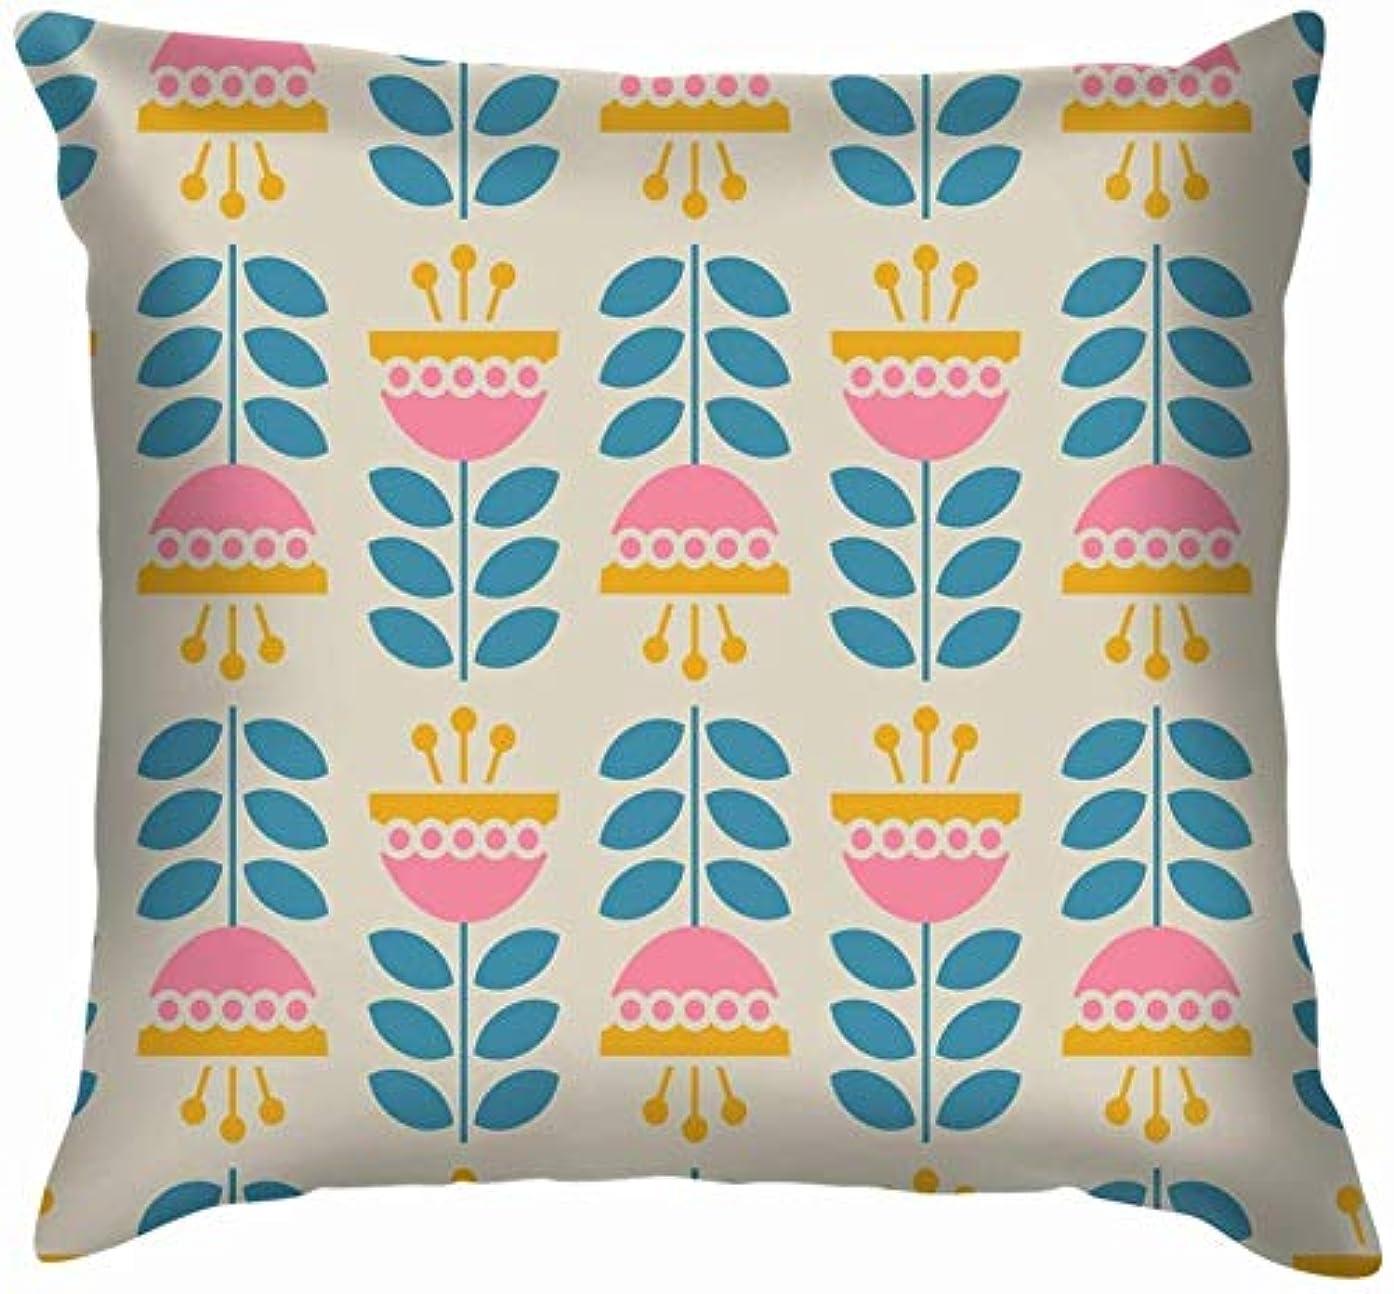 負担コイン料理レトロな花は花の性質を投げます枕カバーは家のソファーのクッションカバー枕ギフト45x45 cmをカバーします